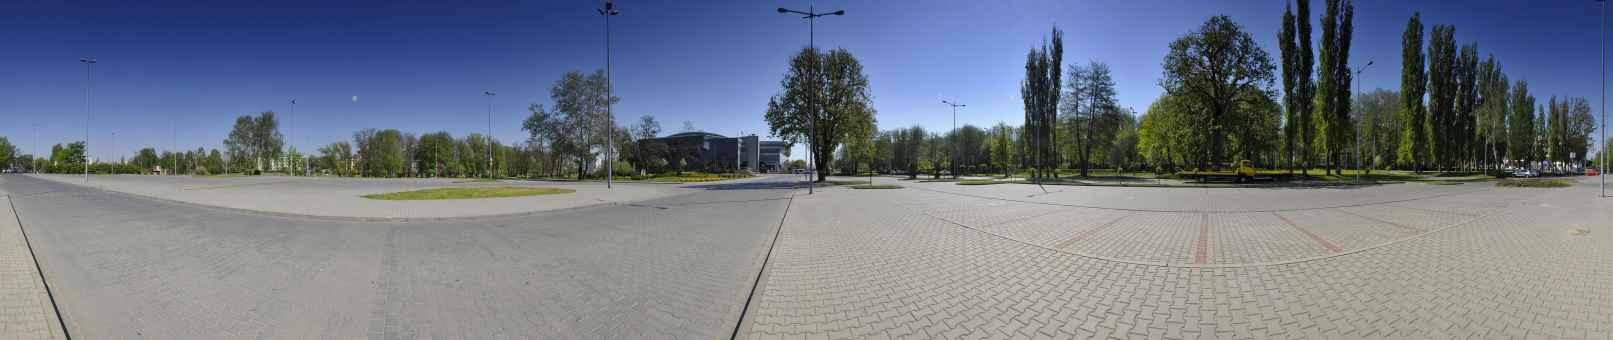 Prezentacja panoramiczna dla obiektu ŁUCZNICZKA